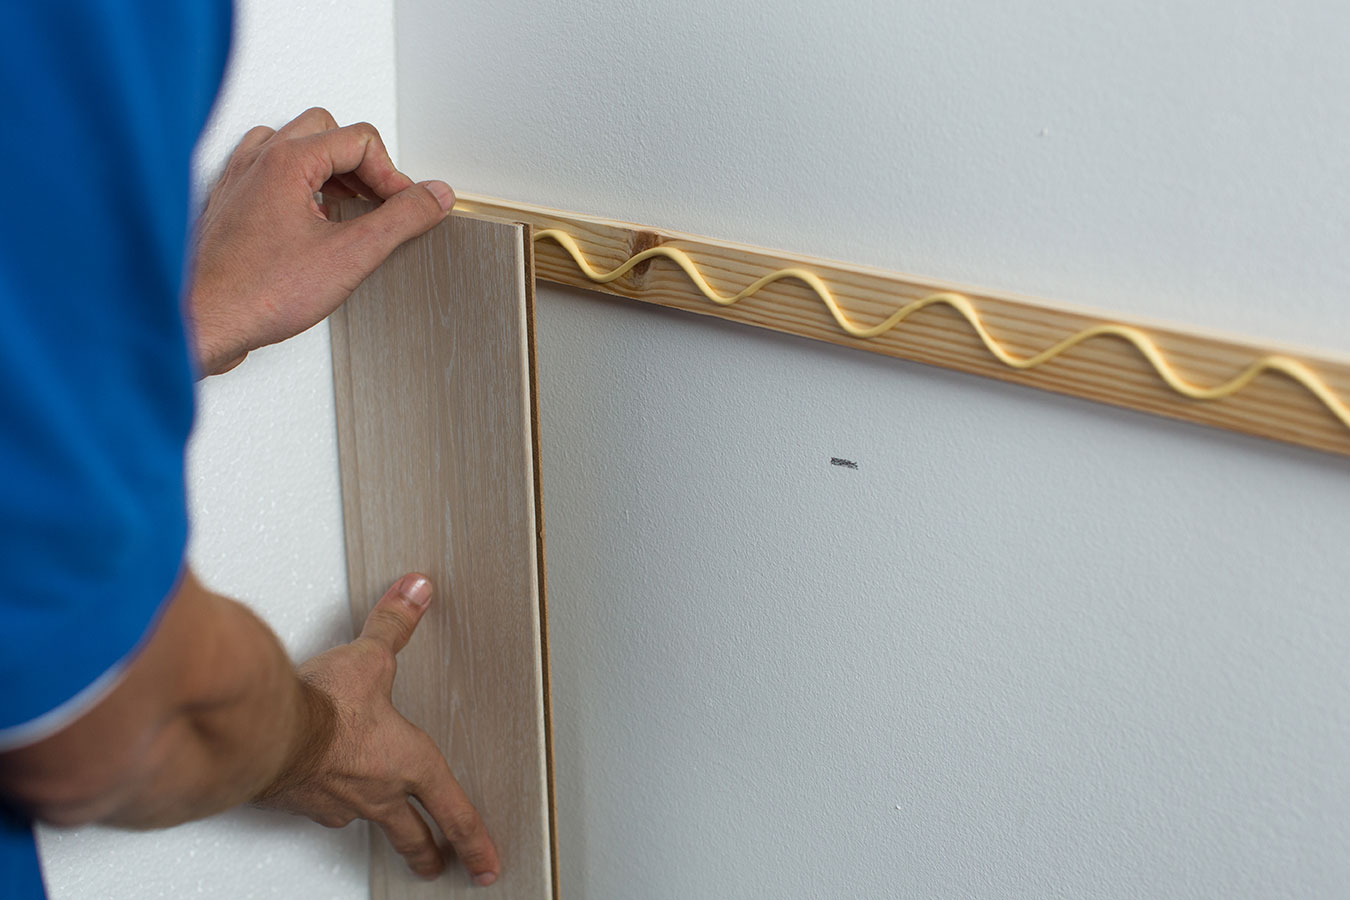 C mo colocar un friso de madera para decorar la pared ceys - Colocar friso en pared sin rastreles ...